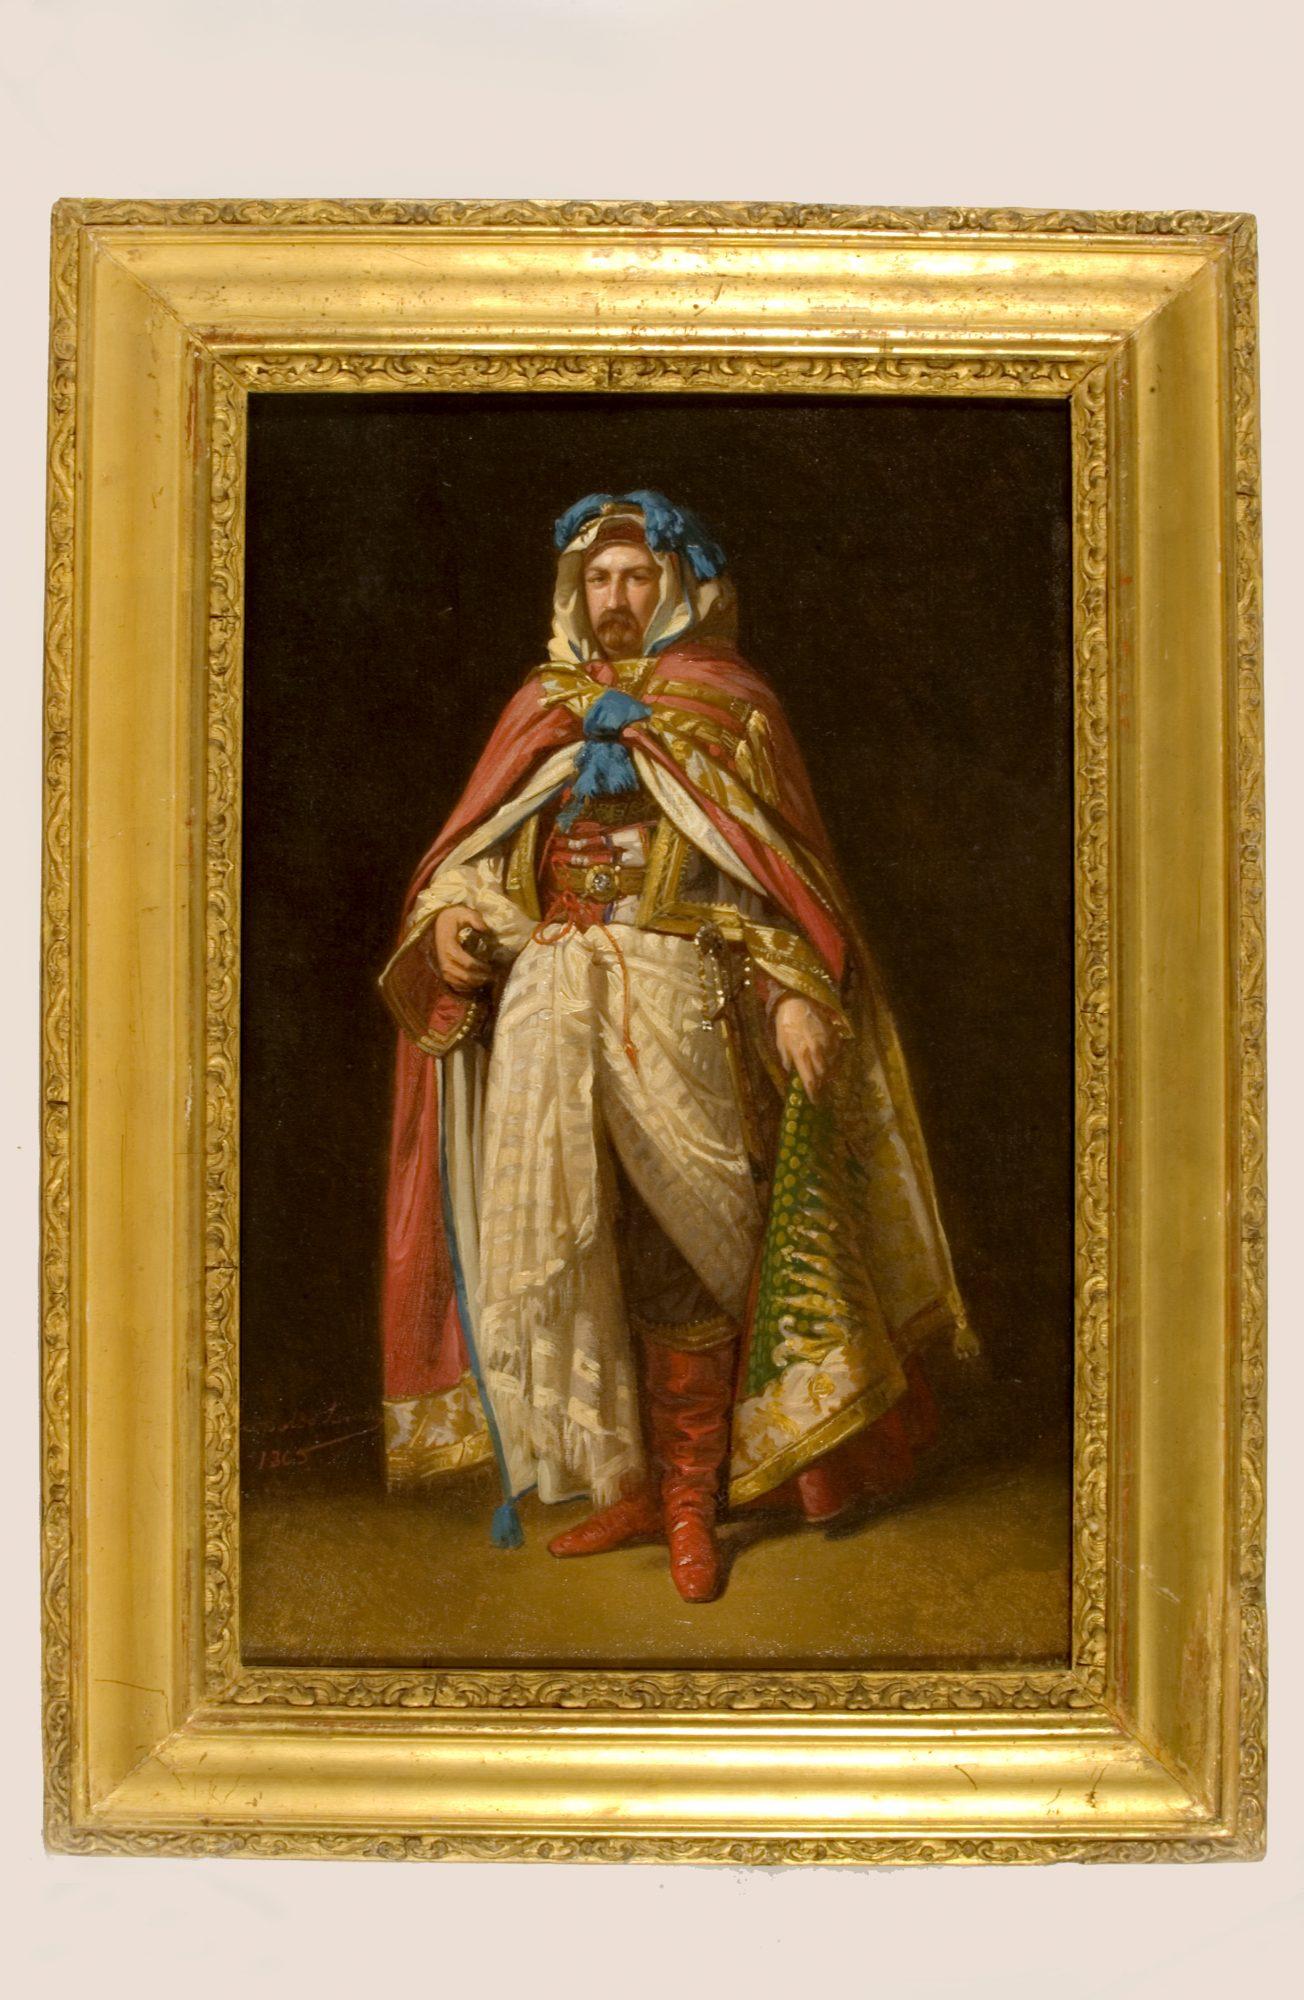 Antonio María de Orleans, duque de Montpensier (1.824-1.890). DE1361B. Colección del Museo de Artes y Costumbres Populares de Sevilla. Consejería de Cultura de la Junta de Andalucía.